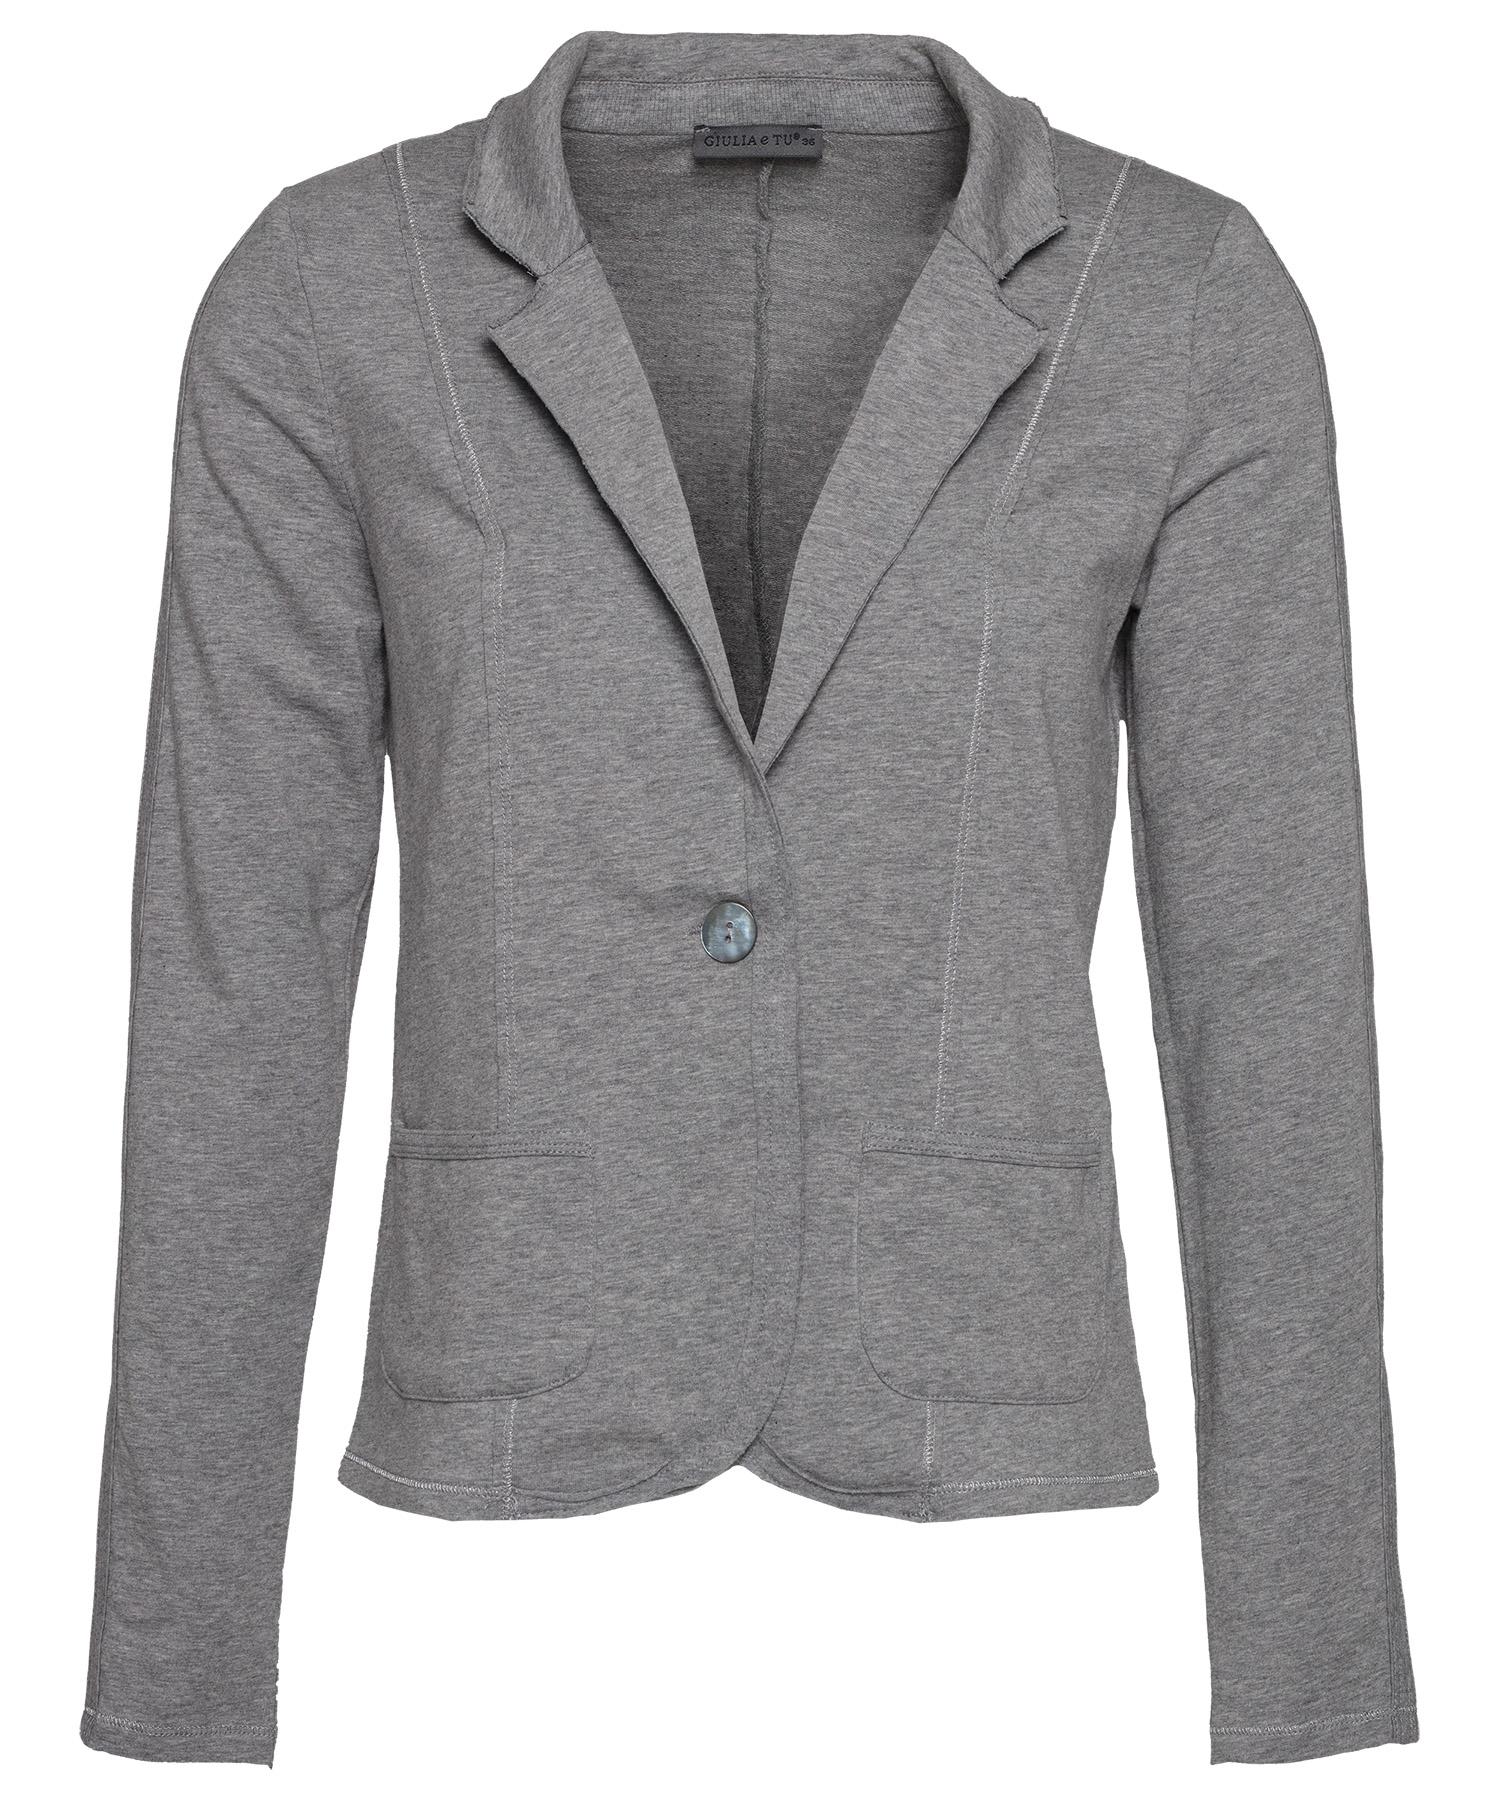 8a0f569fdd21a5 Giulia E Tu fashion online kopen